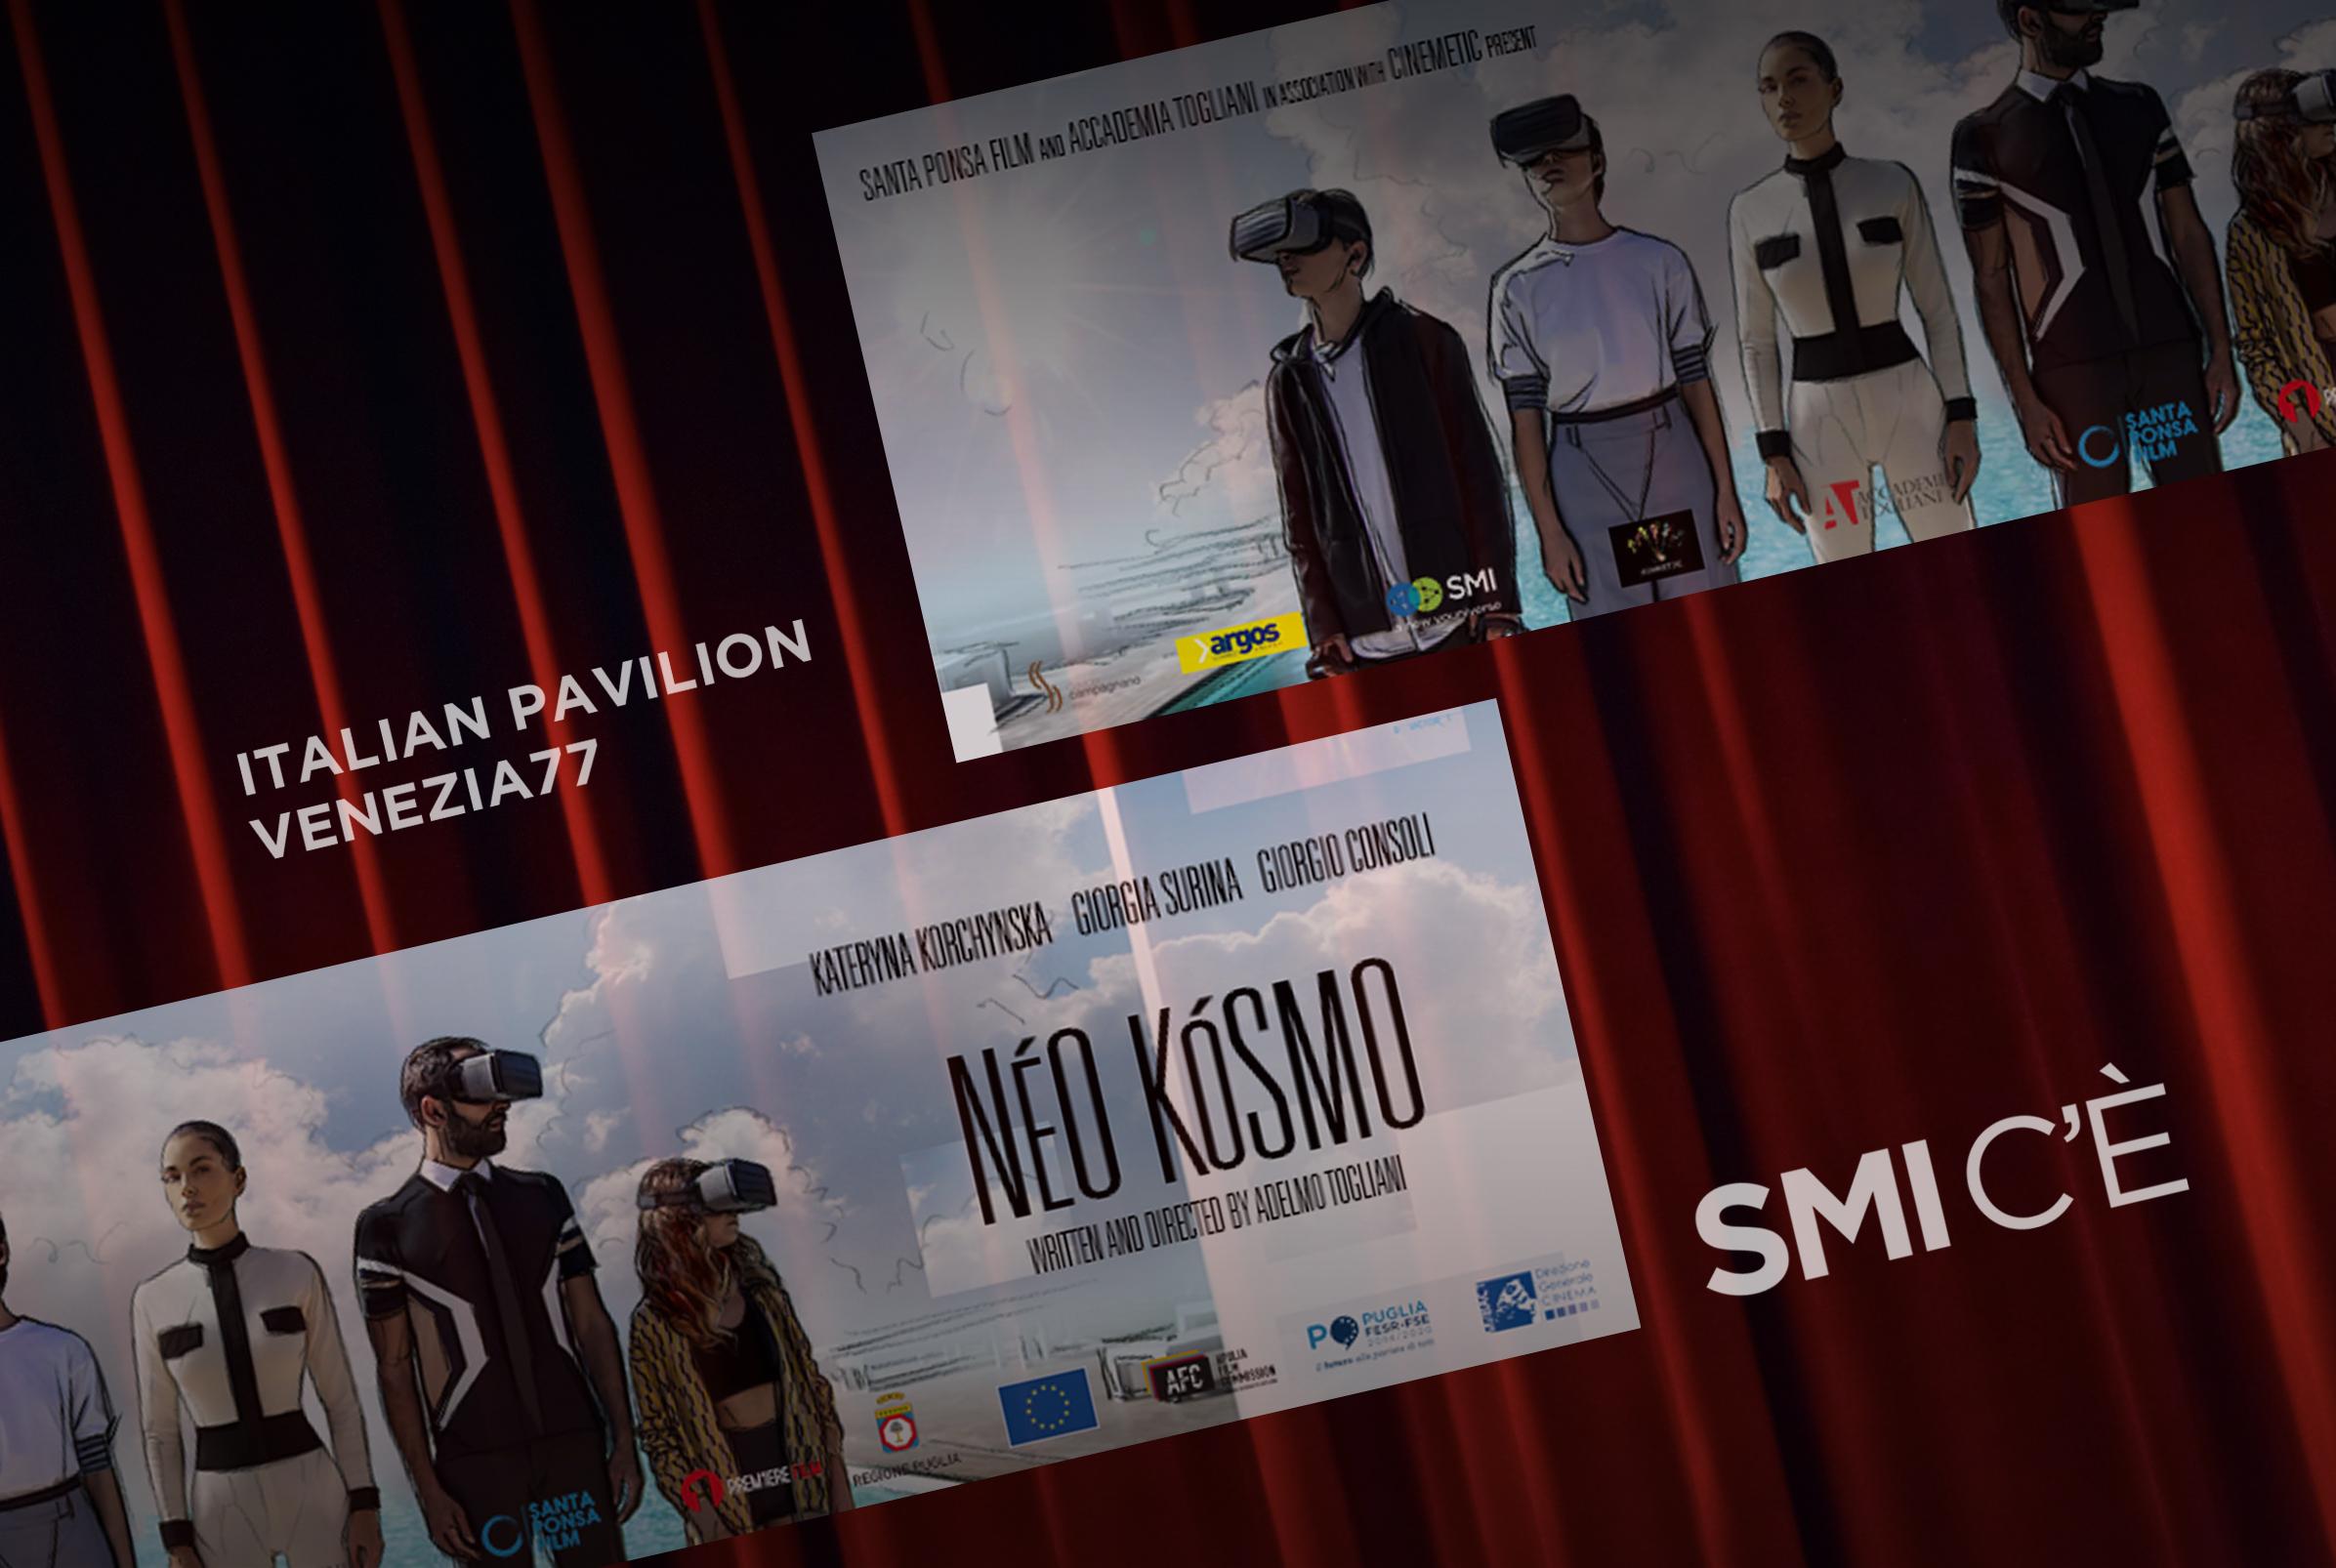 SMI alla 77° Mostra Internazionale d'Arte Cinematografica di Venezia con il corto Néo Kósmo, scritto e diretto da Adelmo Togliani.